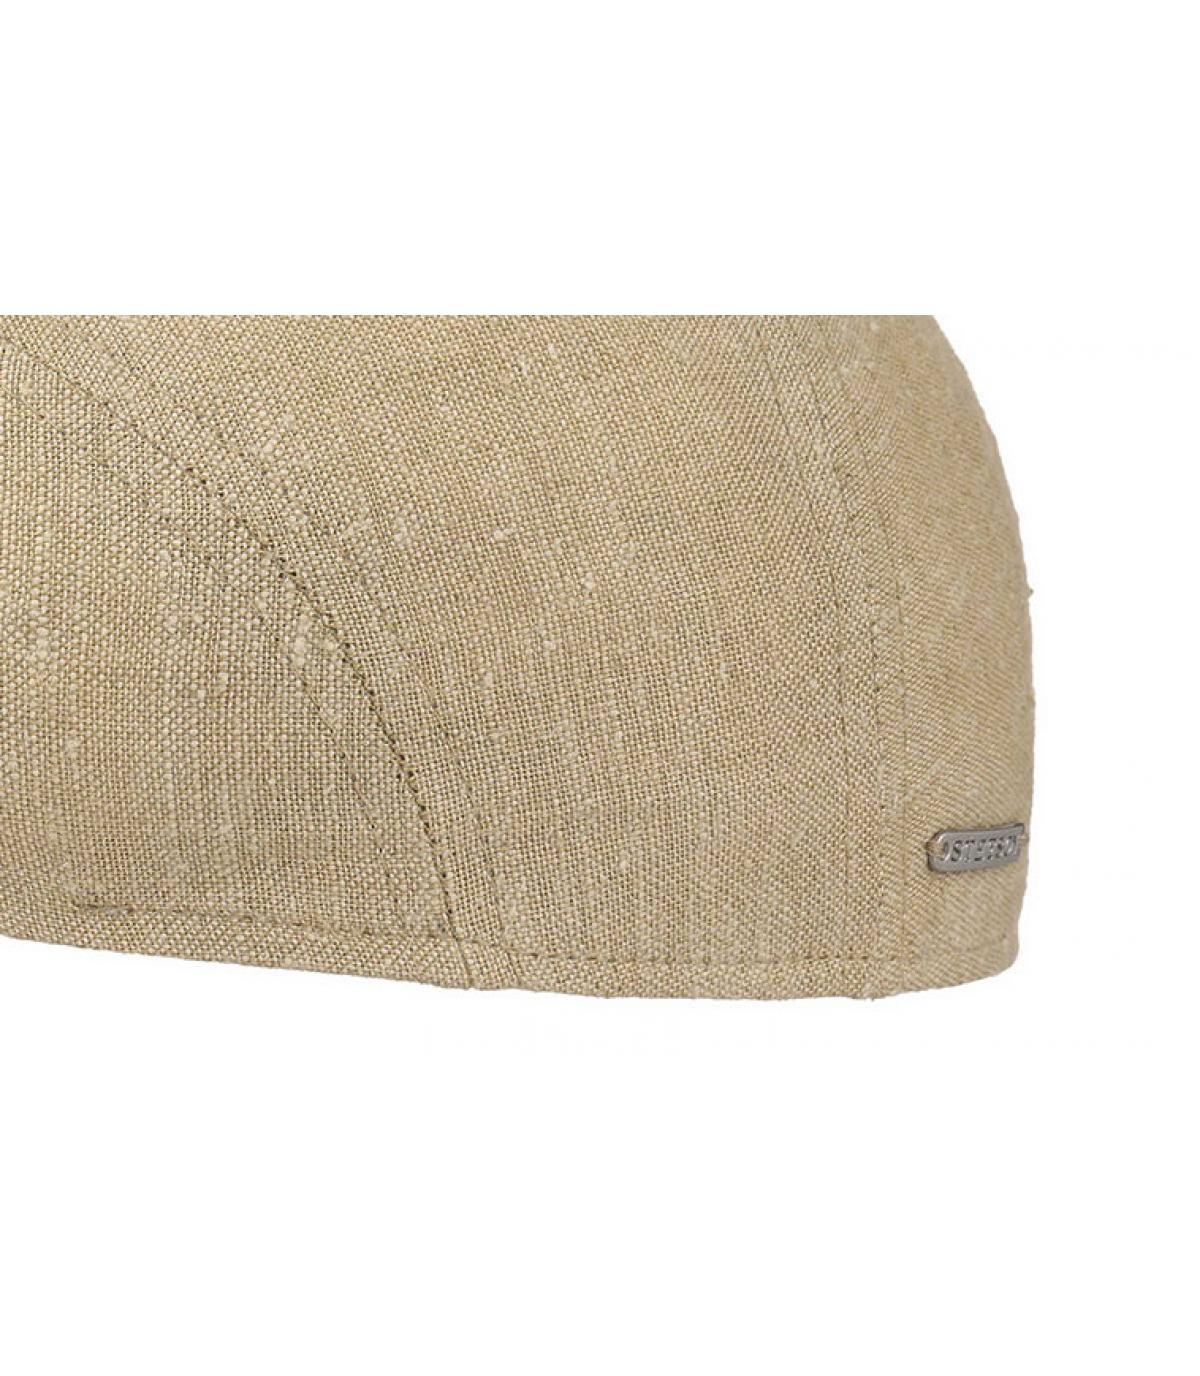 Détails Ivy cap llinen silk beige - image 3